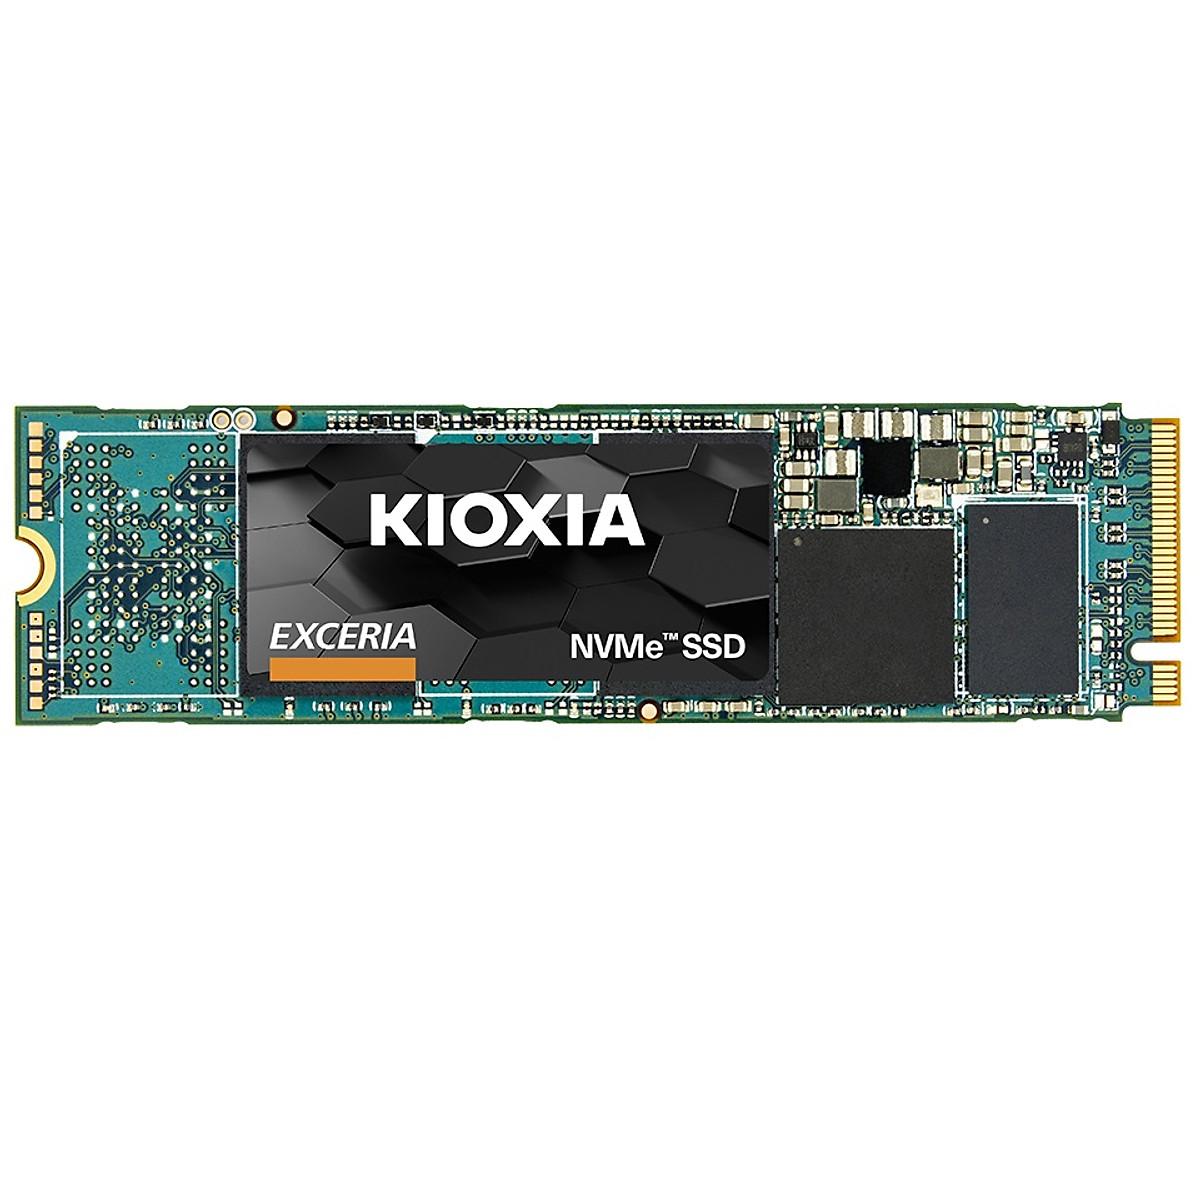 Ổ cứng SSD KIOXIA NVMe M.2 2280 250GB LRC10Z250GG8 – Hàng Chính Hãng